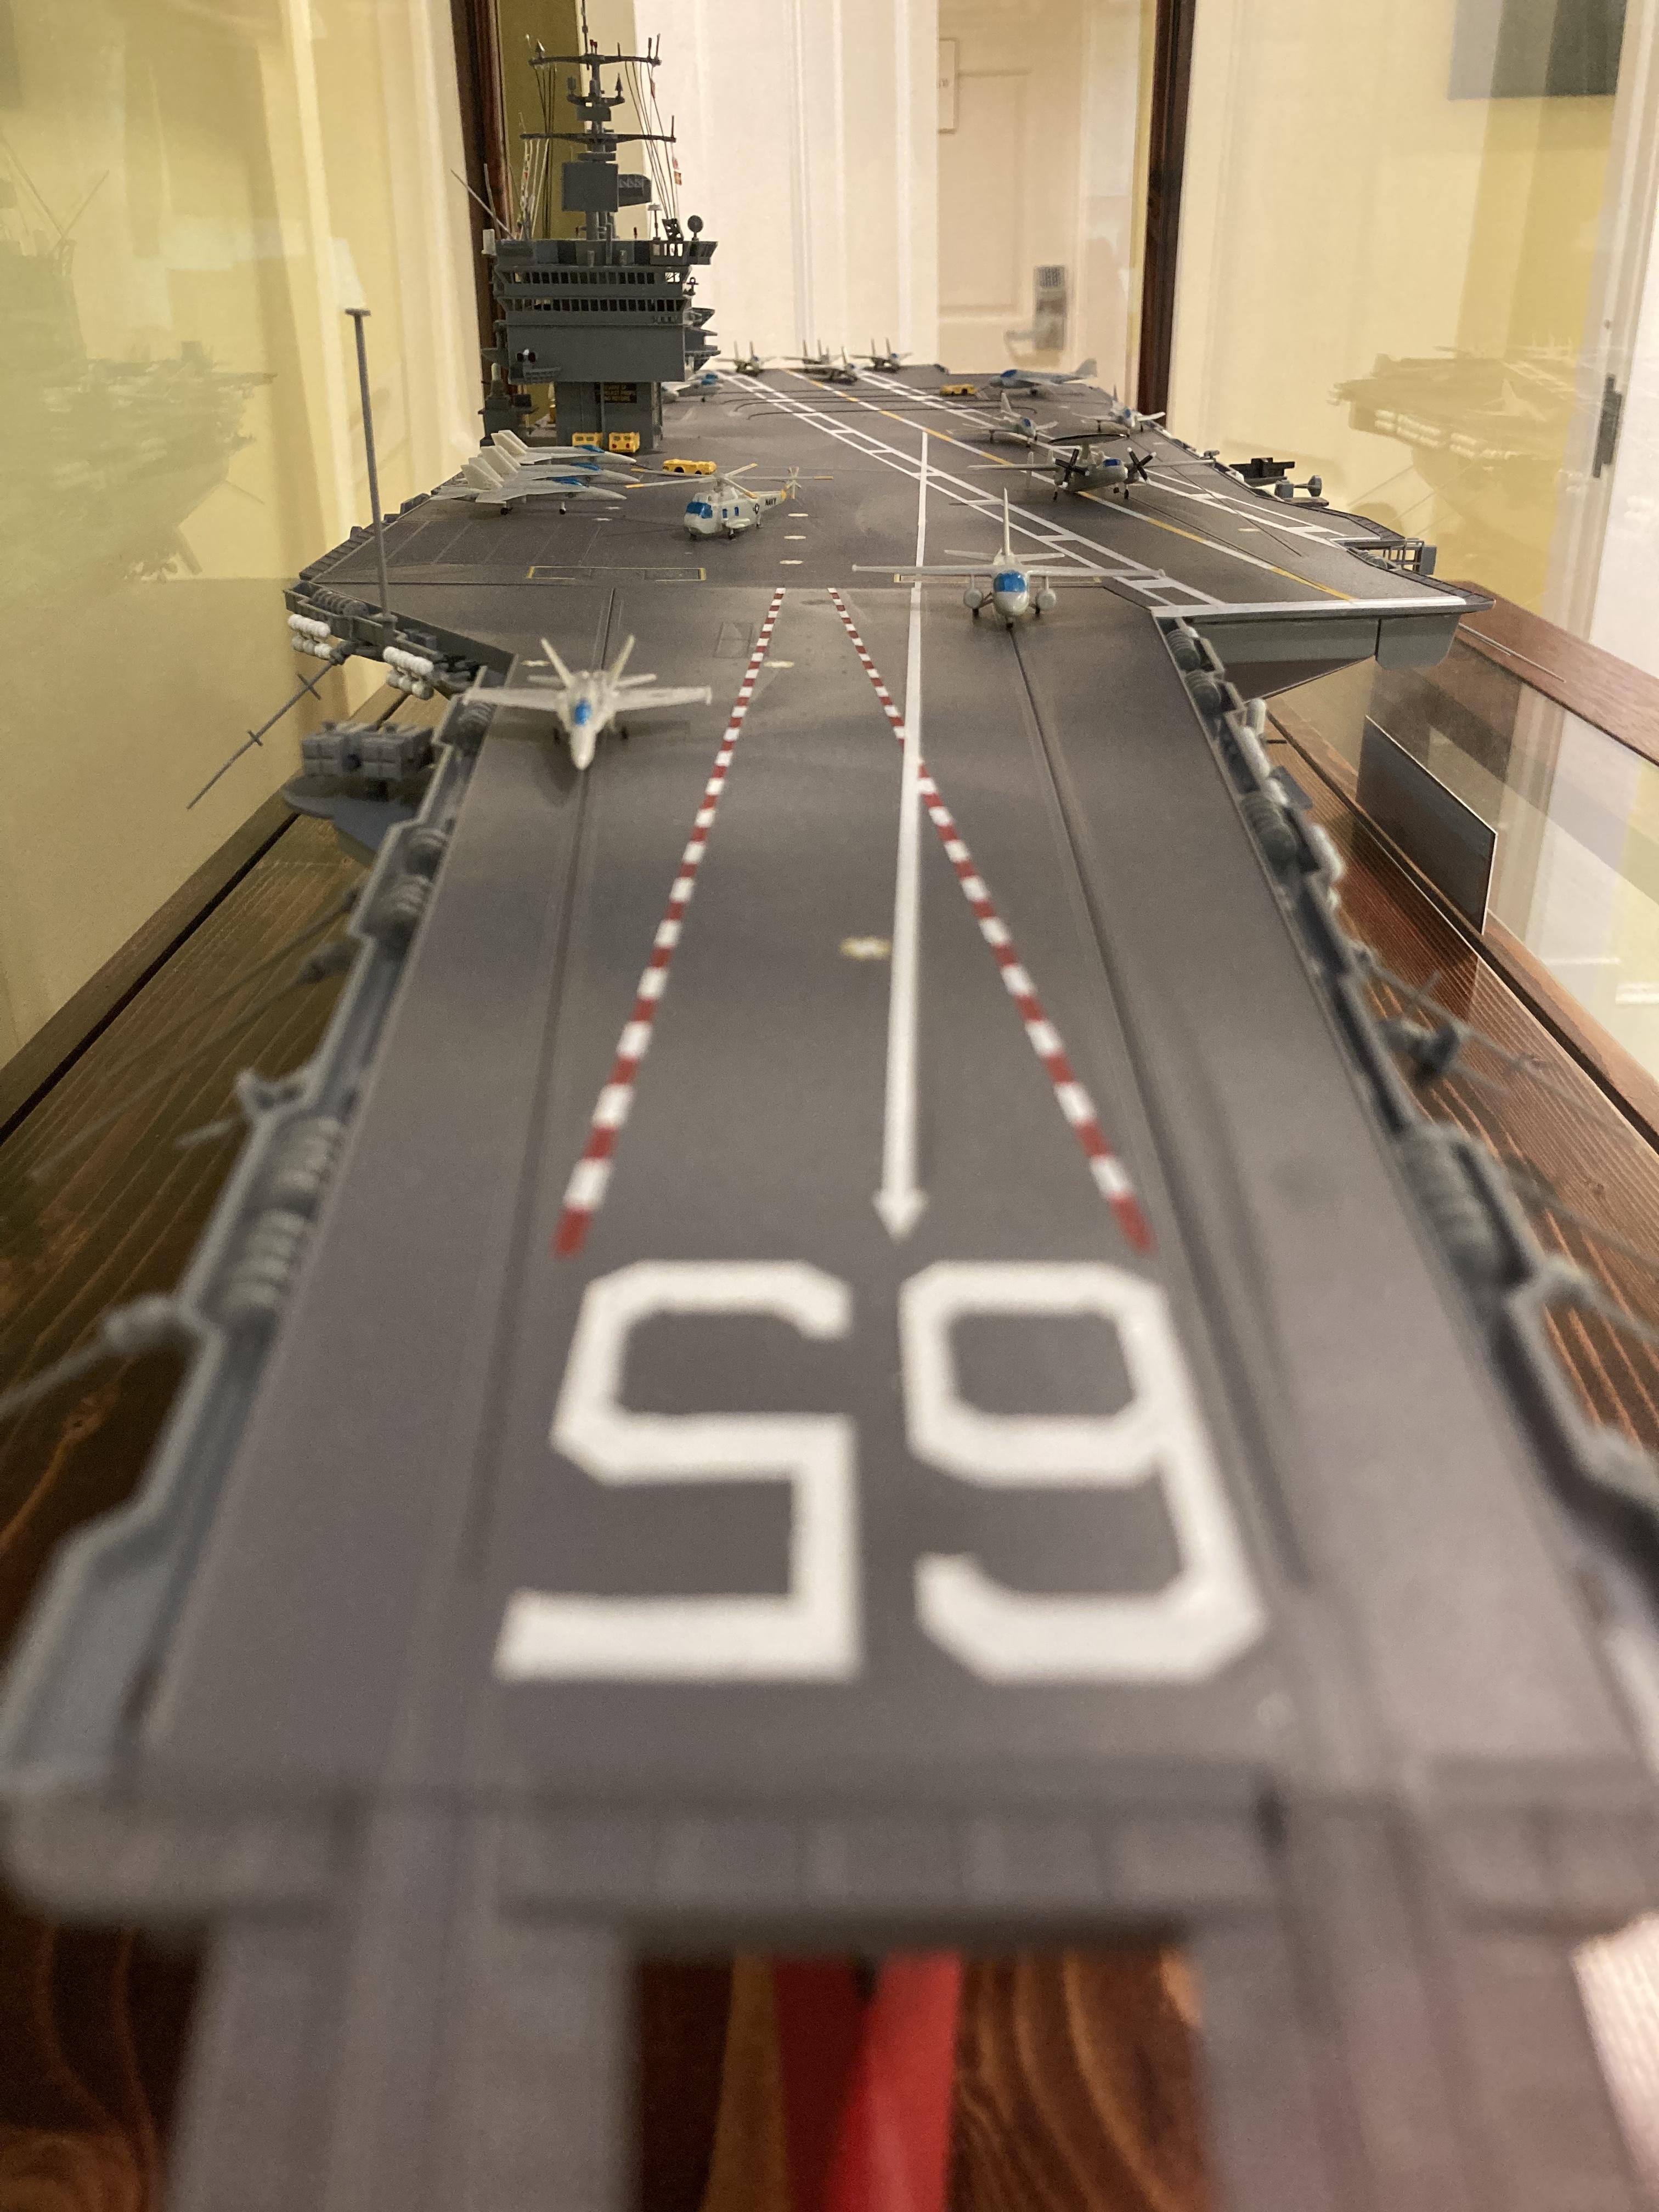 Model of USS Enterprise aircraft carrier.